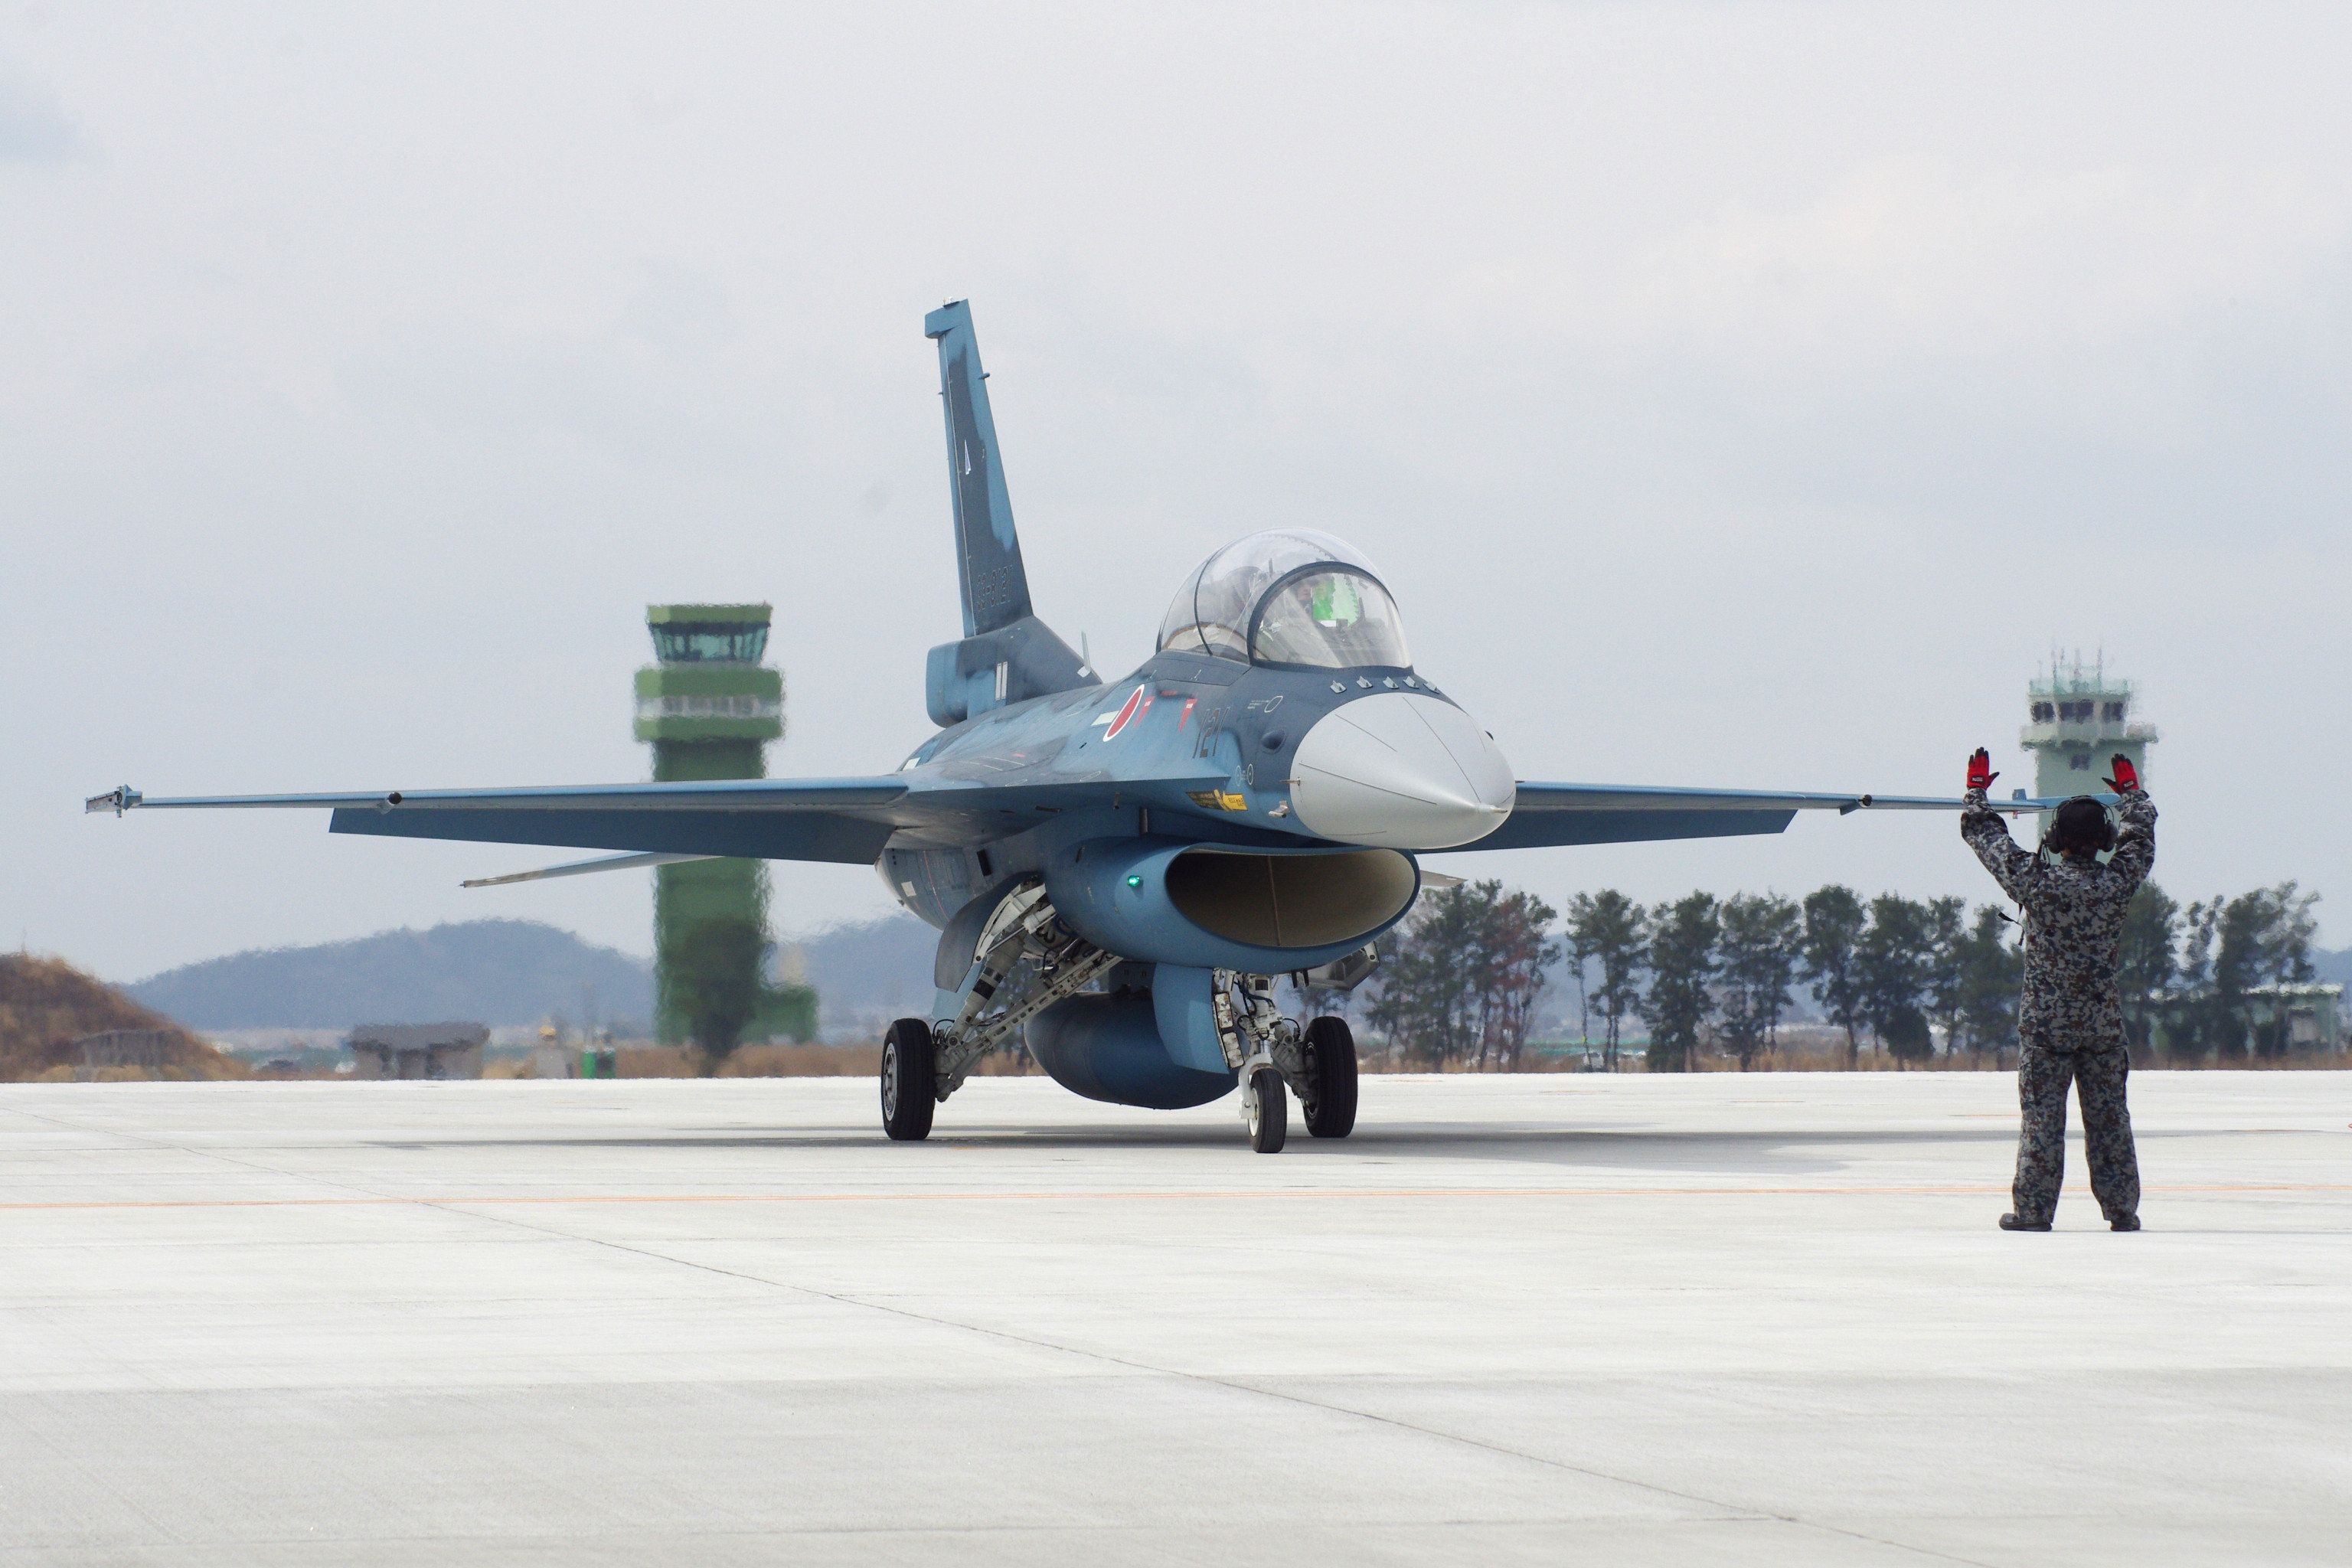 F2戦闘機、山口県沖でレーダーから消失 搭乗員2人の生存確認【UPDATE】